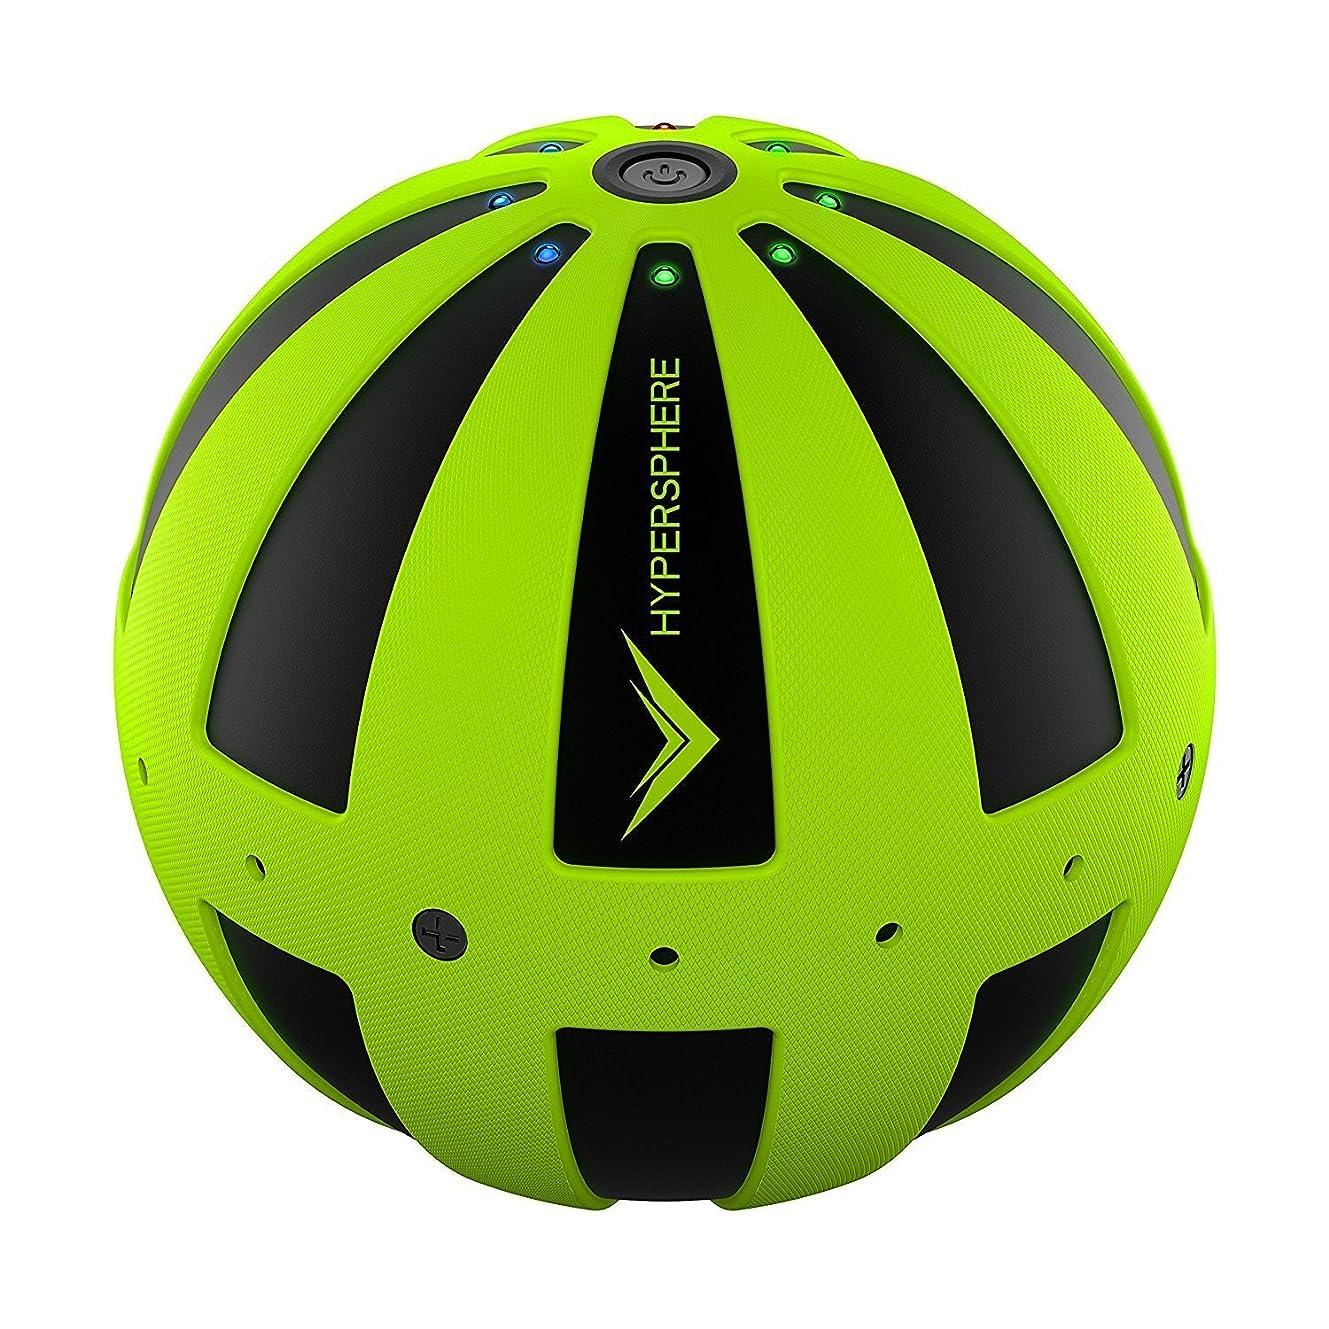 午後シガレット影響Hyperice Hypersphere Vibrating Therapy Ball (並行輸入品)